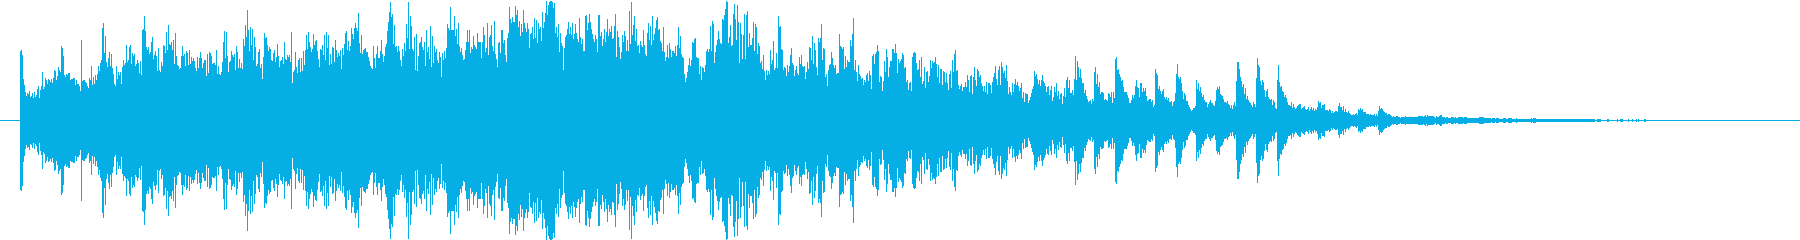 未来系サイバーサウンドロゴの再生済みの波形